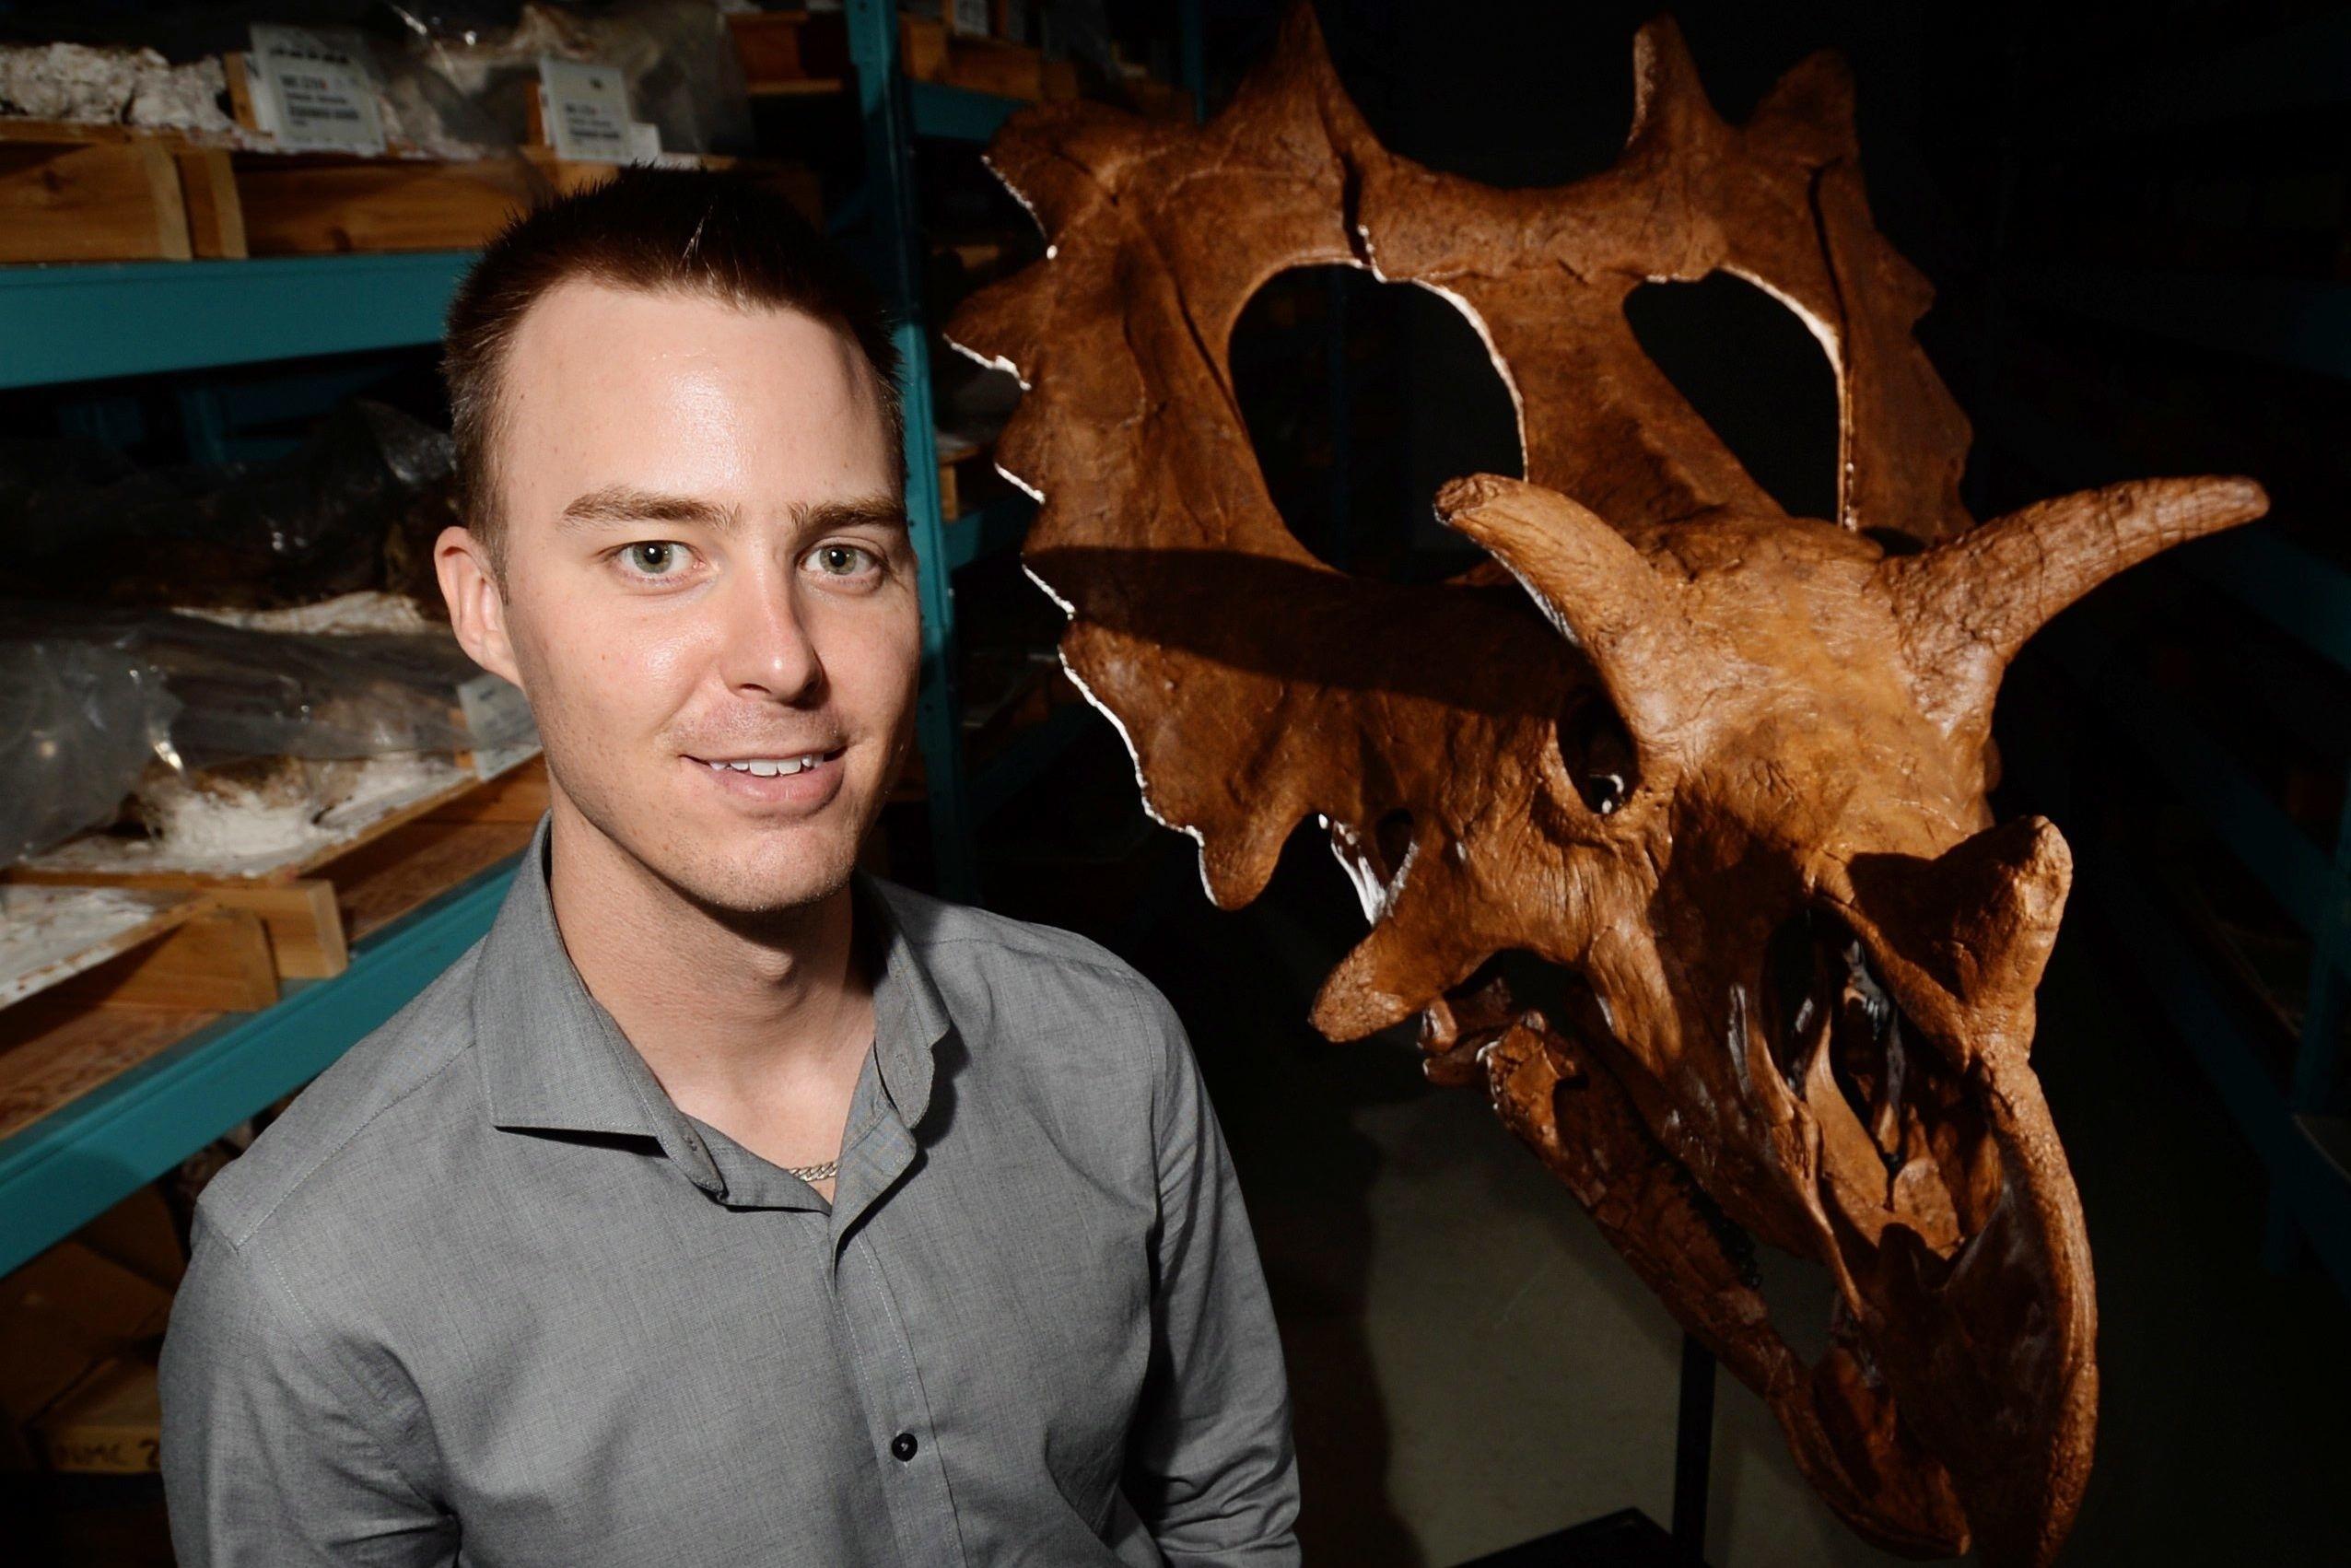 EN MODELL av den nye dinosaurarten er utstilt i det naturhistoriske museumet i Quebec i Canada. Paleontolog Jordan Mallon poserer i forgrunnen.